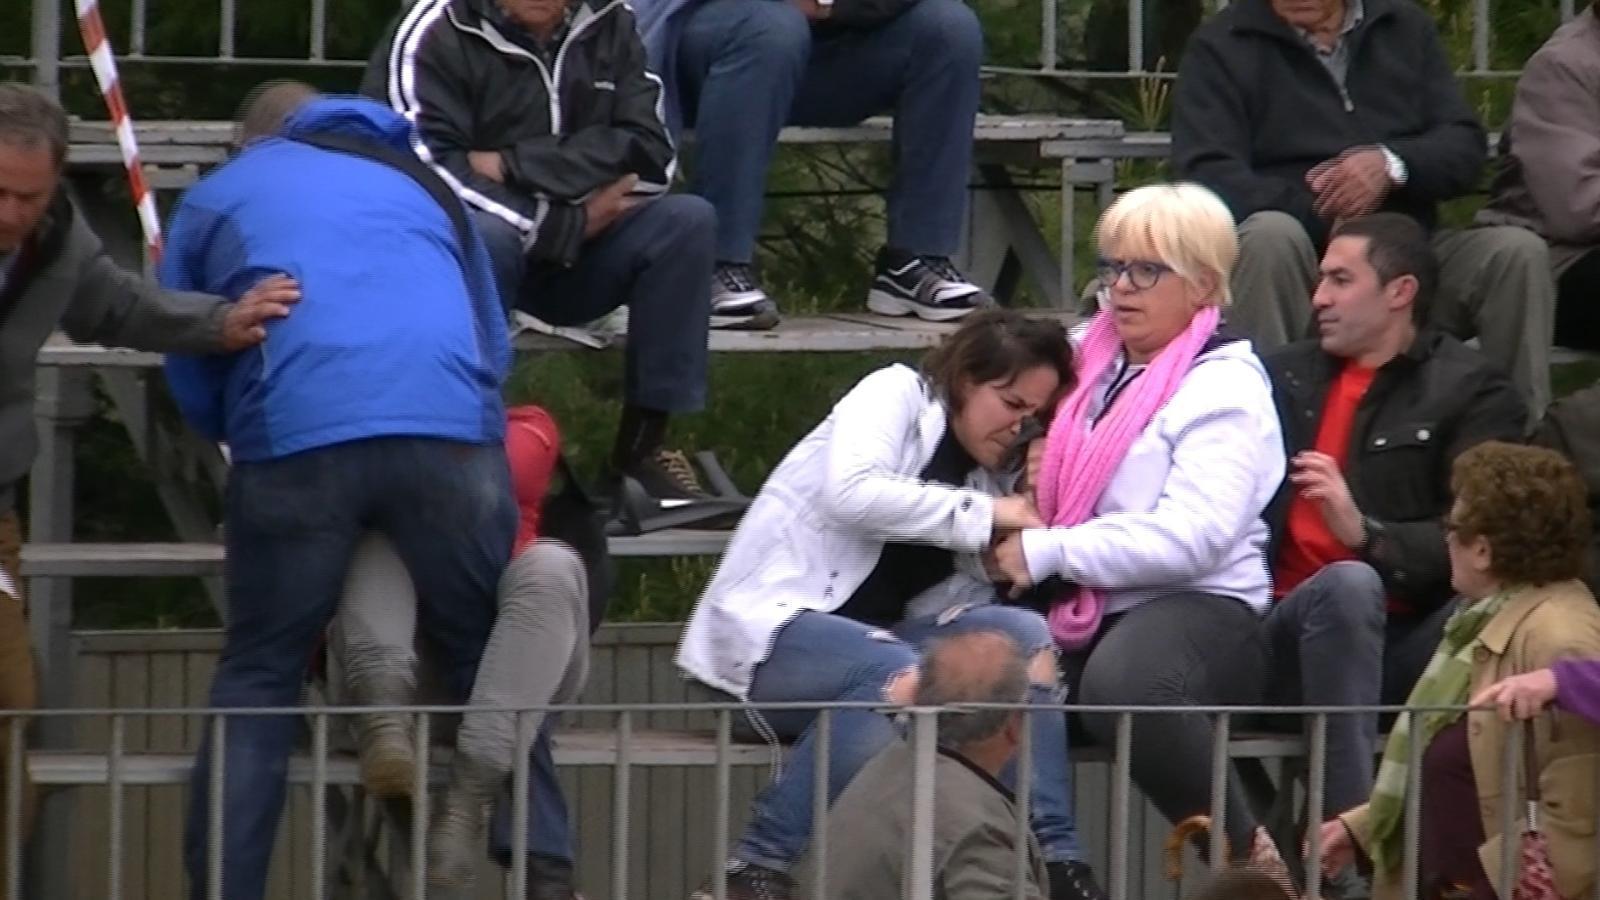 Un home s'abalança sobre una activista mentre una dona intenta treure la càmera a l'altre